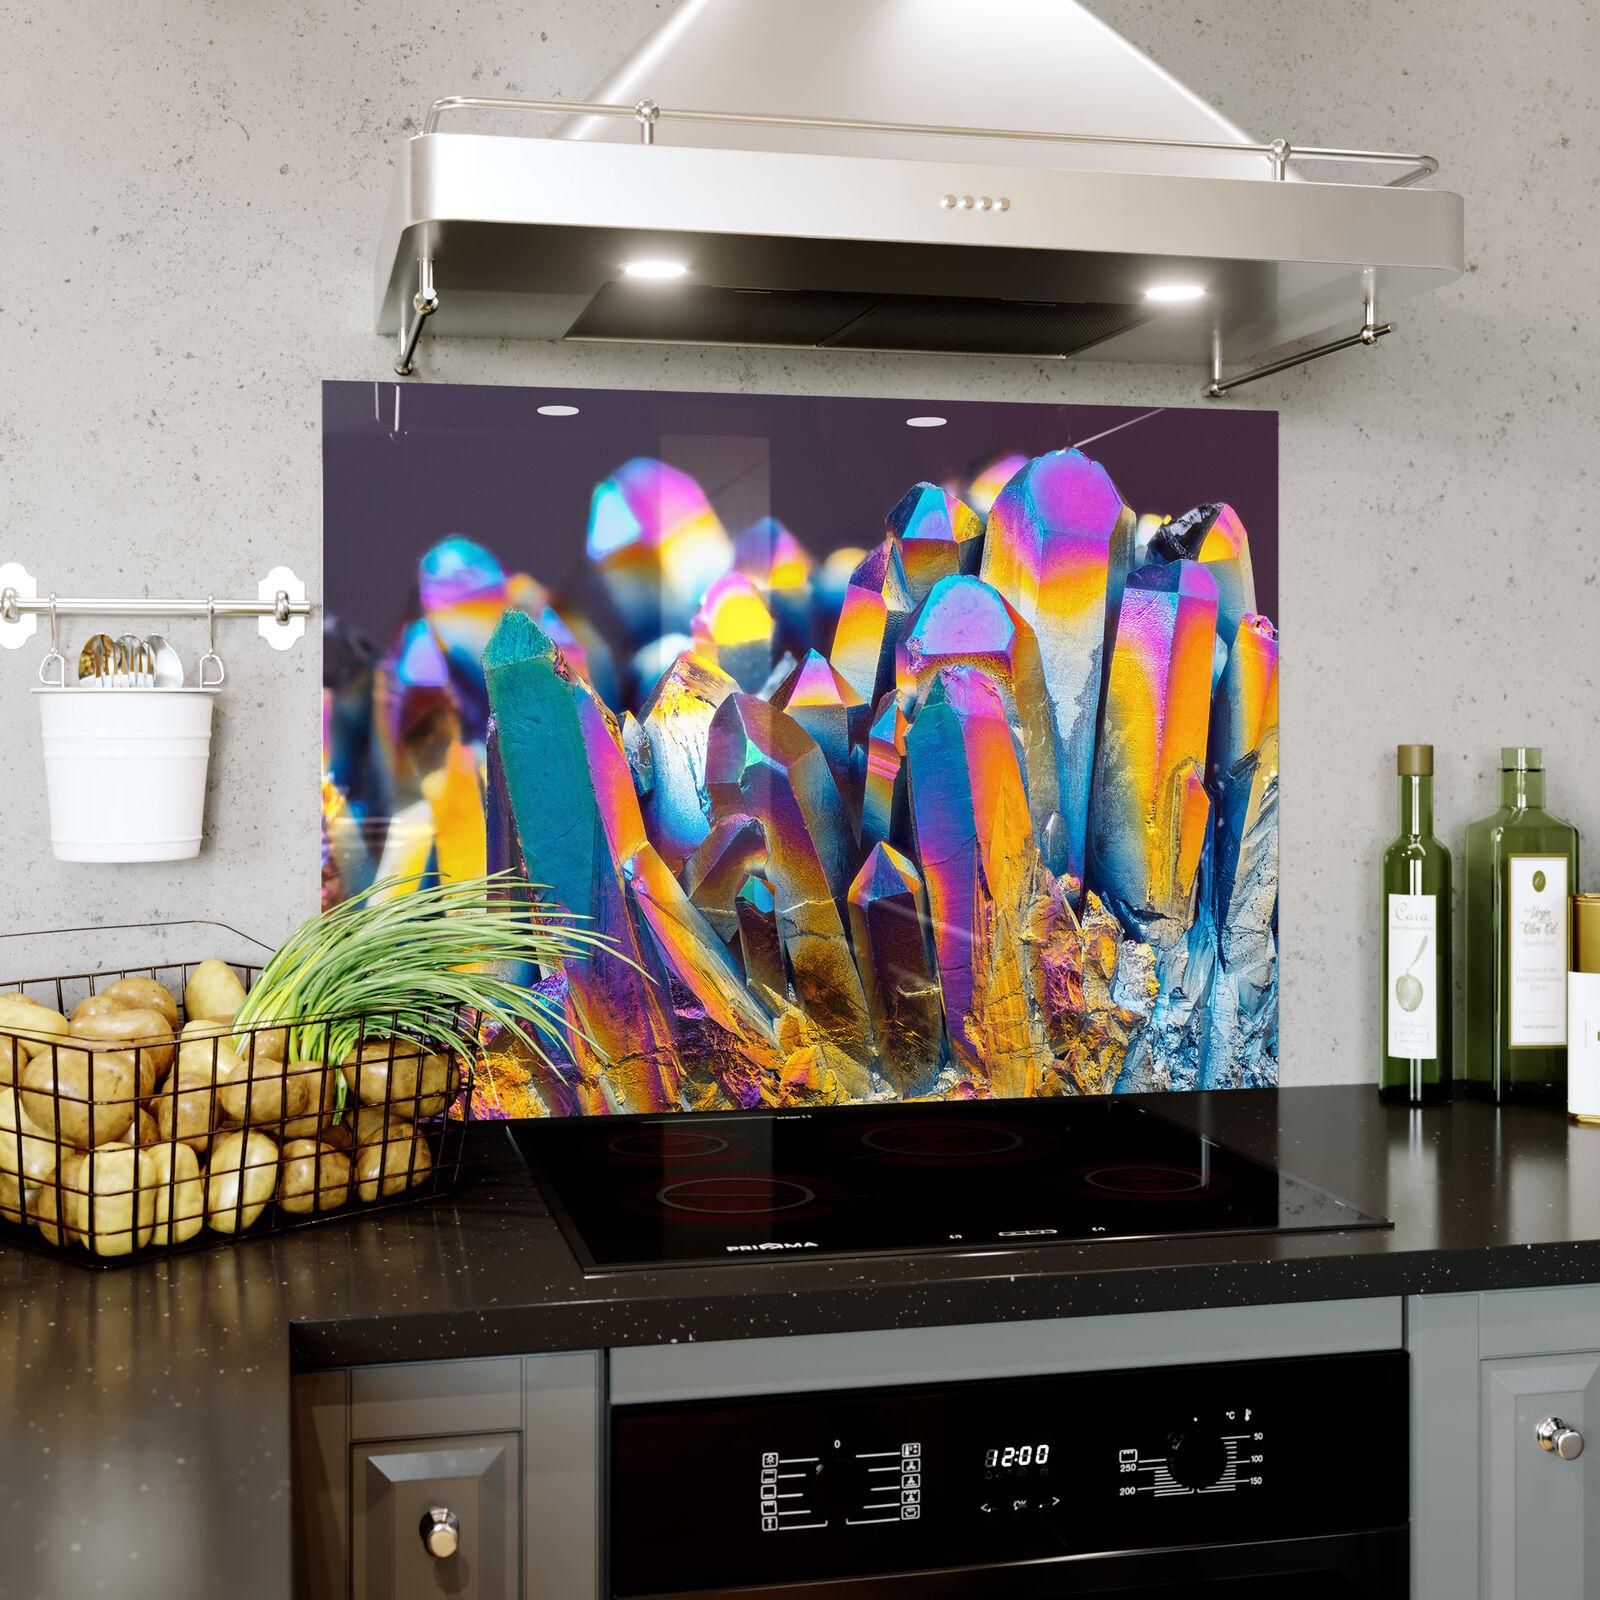 bellissimo Paraspruzzi Vetro Cucina Cucina Cucina Fornello Arcobaleno Cristallo Struttura Zoom  risparmia fino al 70%